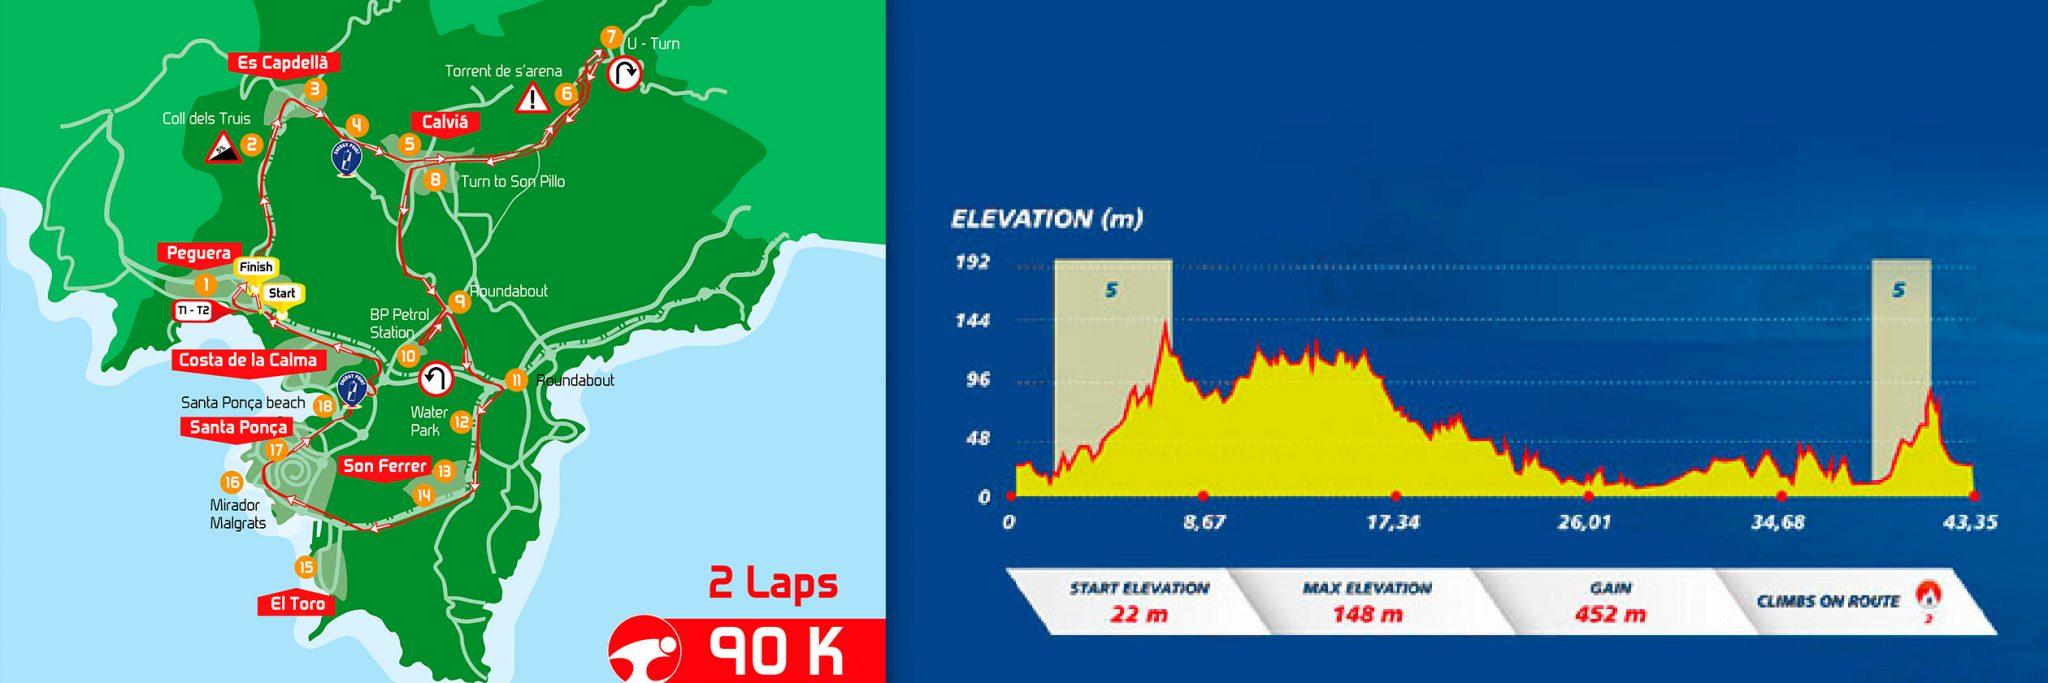 Circuito de bicicleta de Mallorca Triathlon